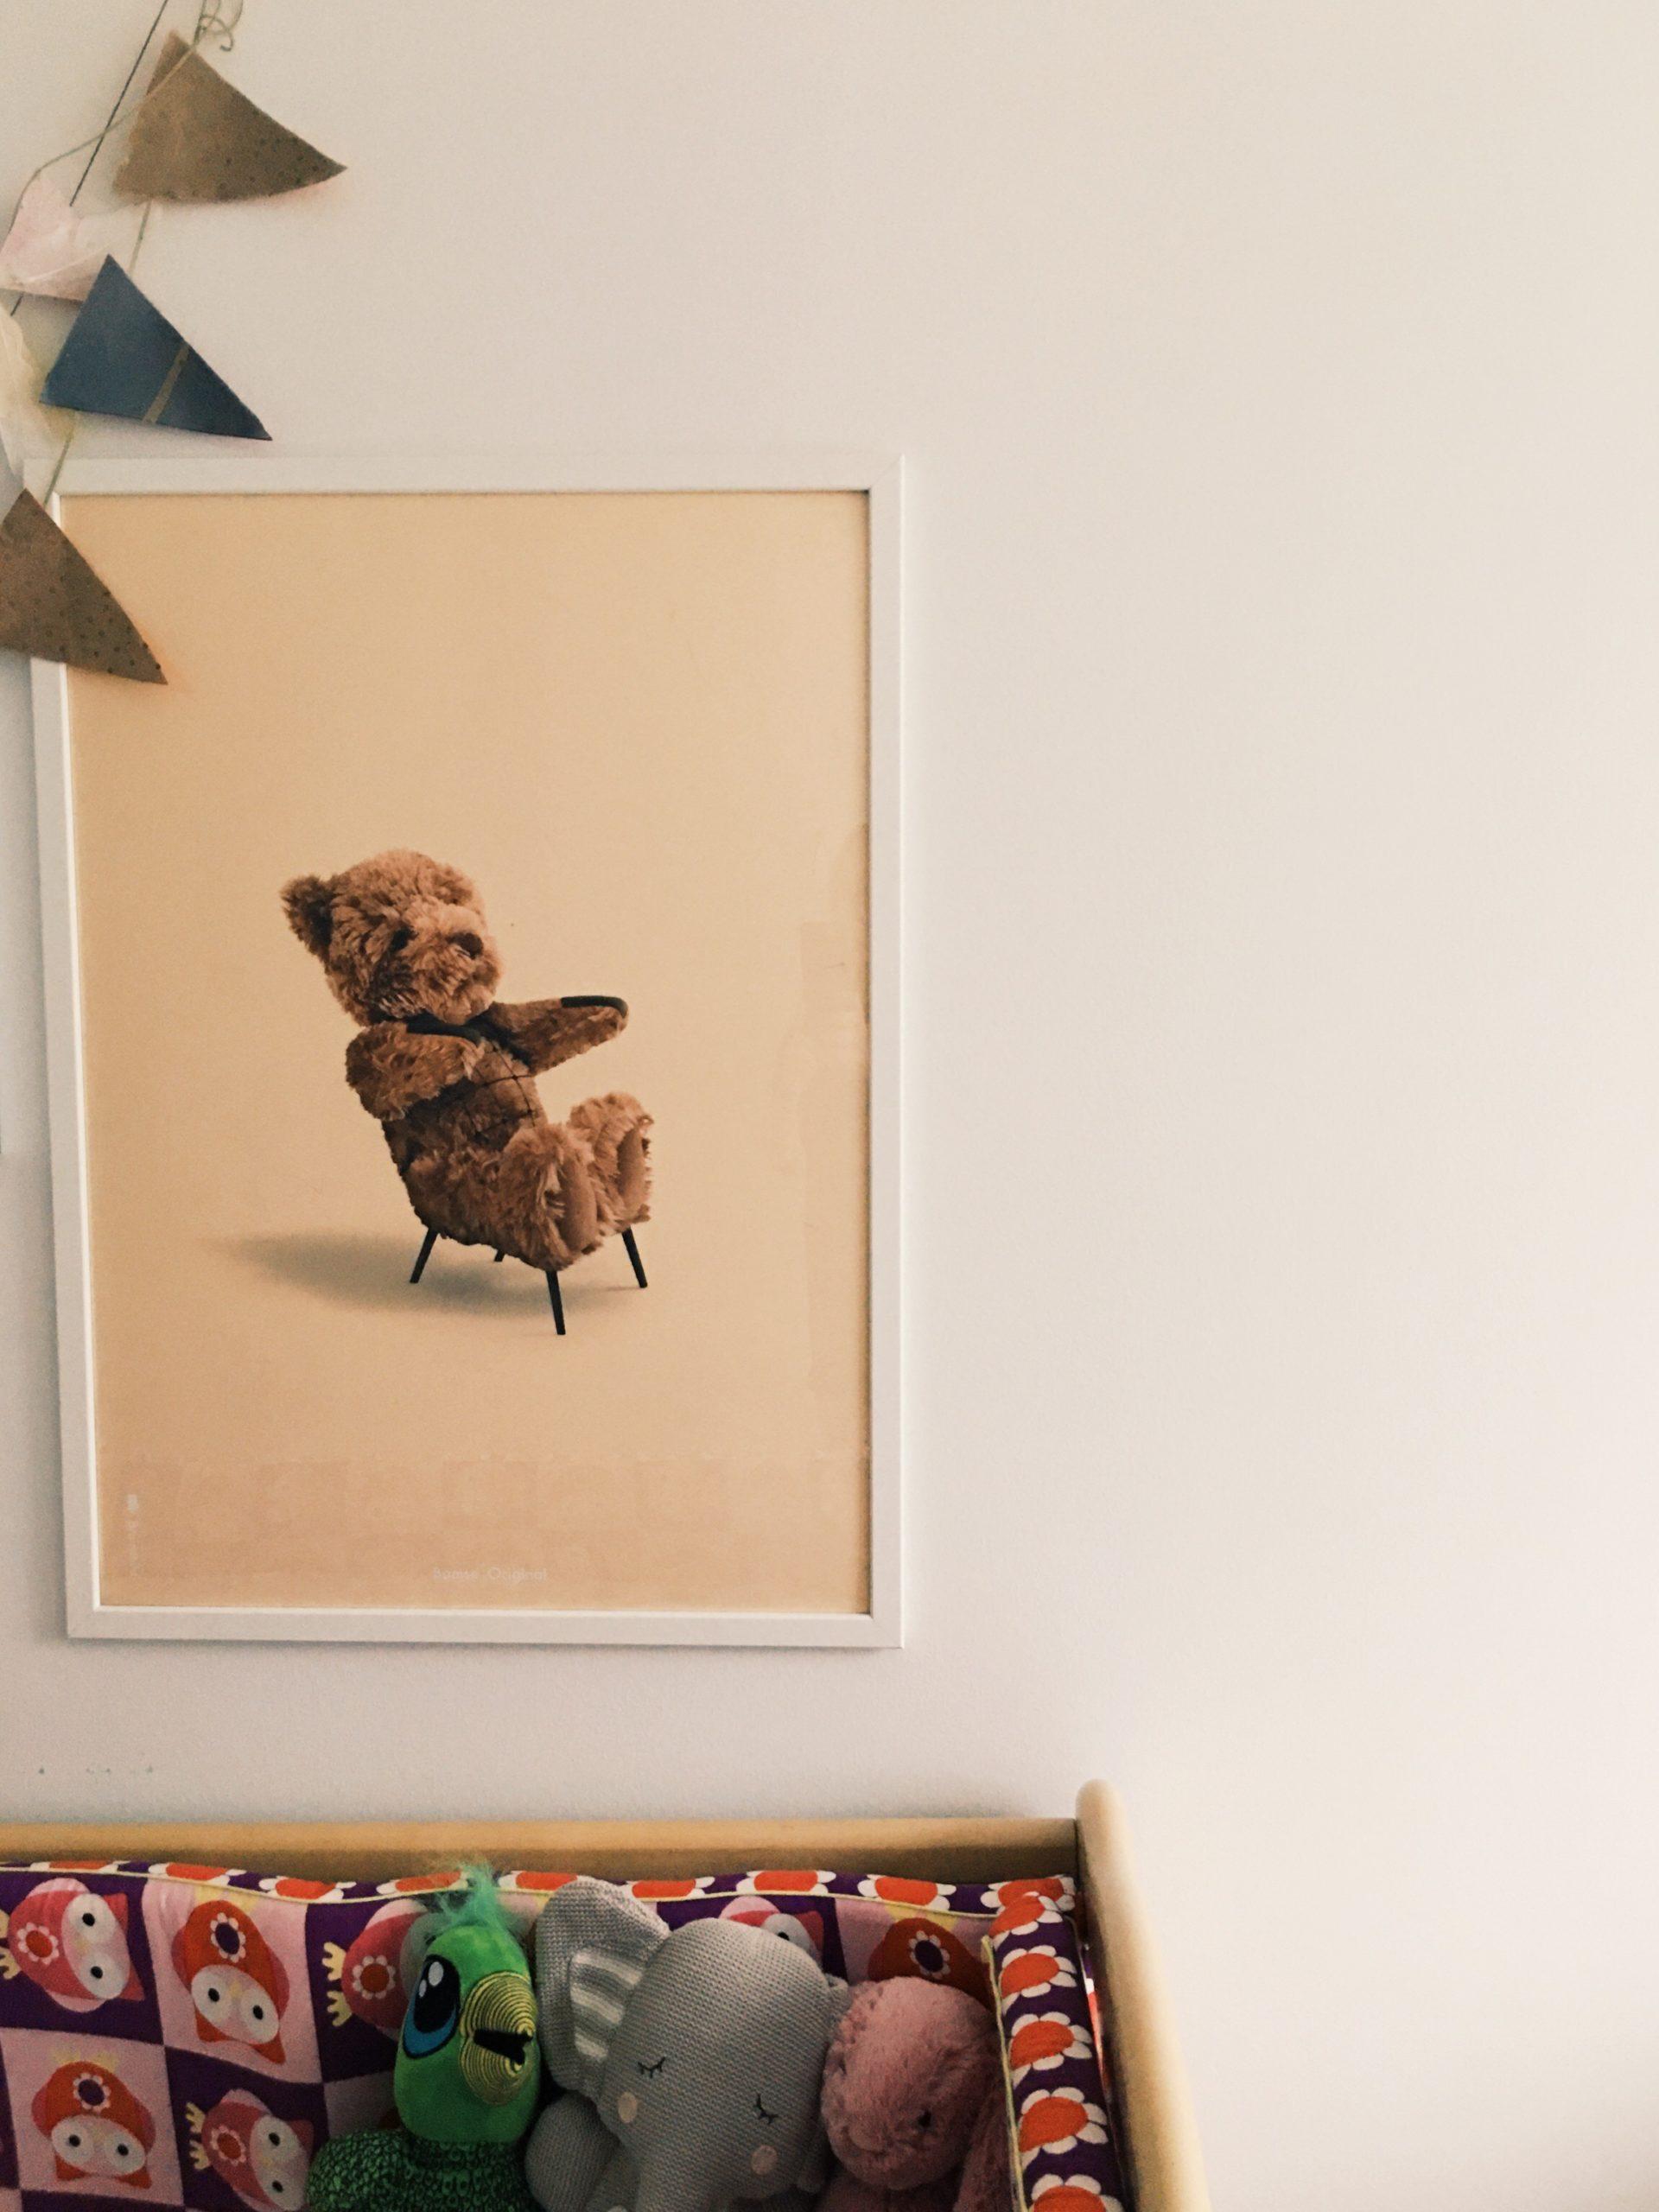 brainchild original plakat bamsen hans wegner